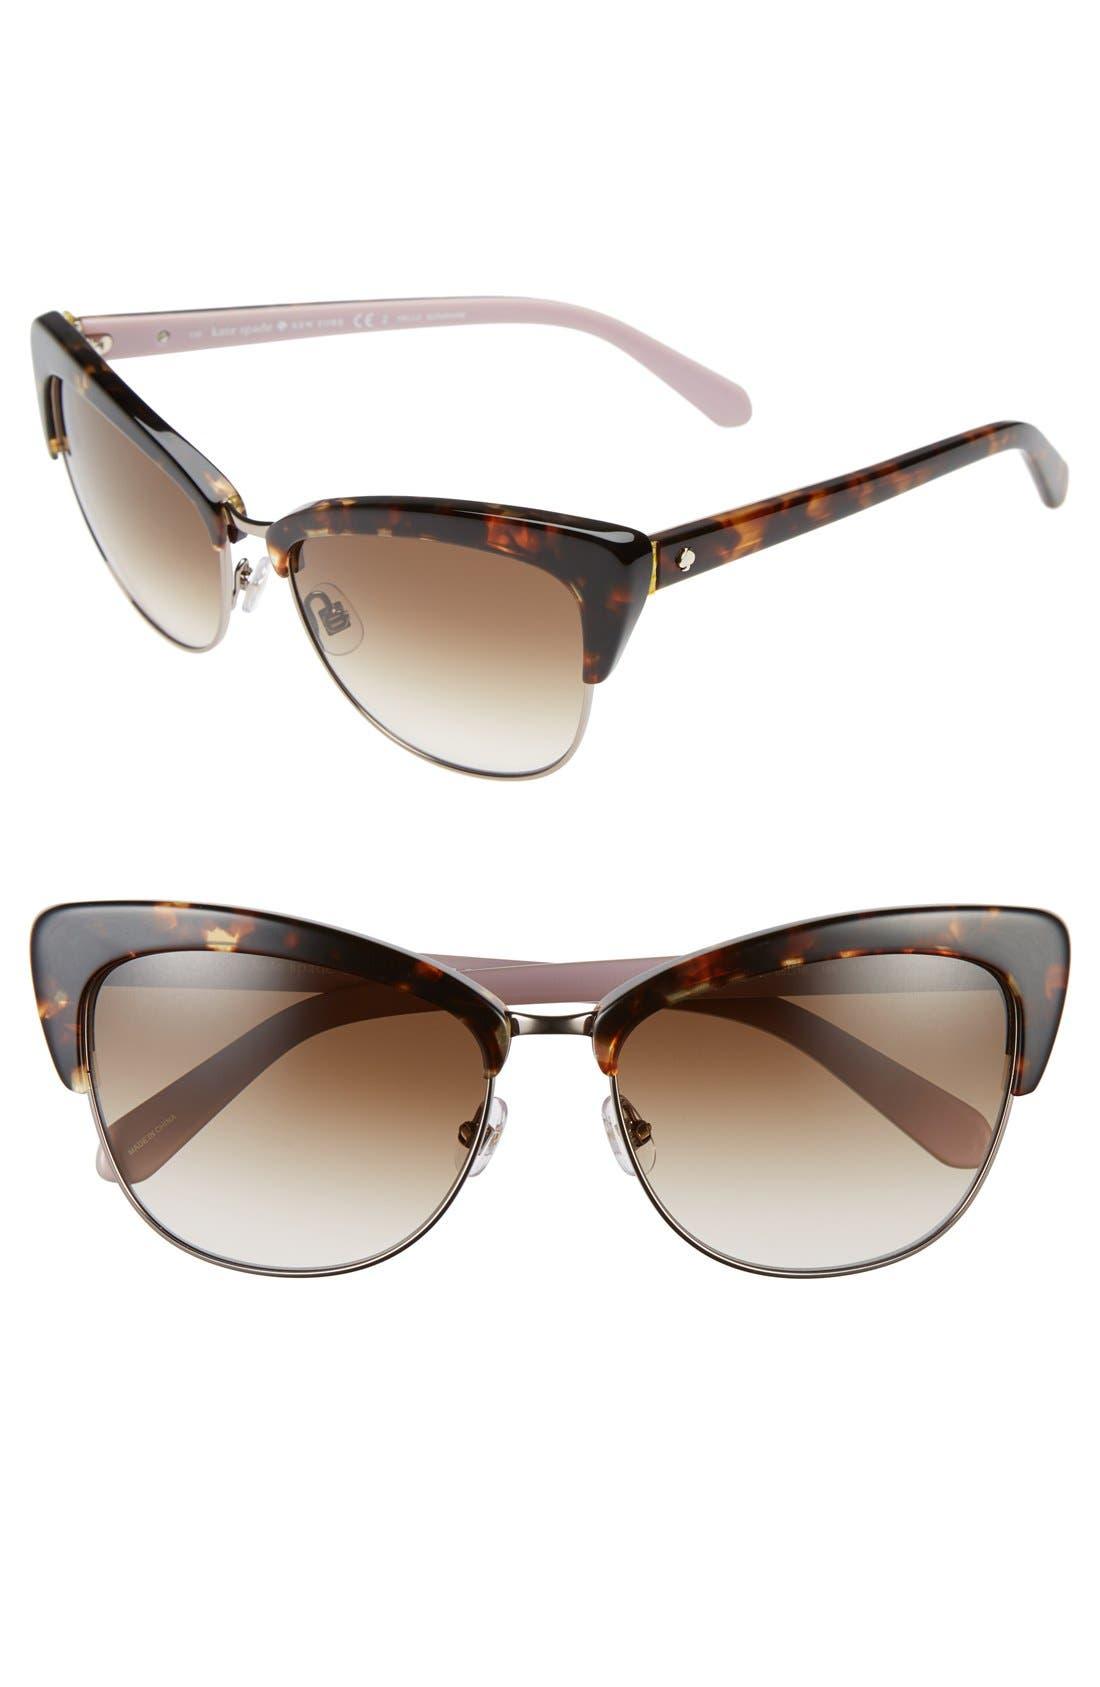 Main Image - kate spade new york 'genette' 56mm cat eye sunglasses